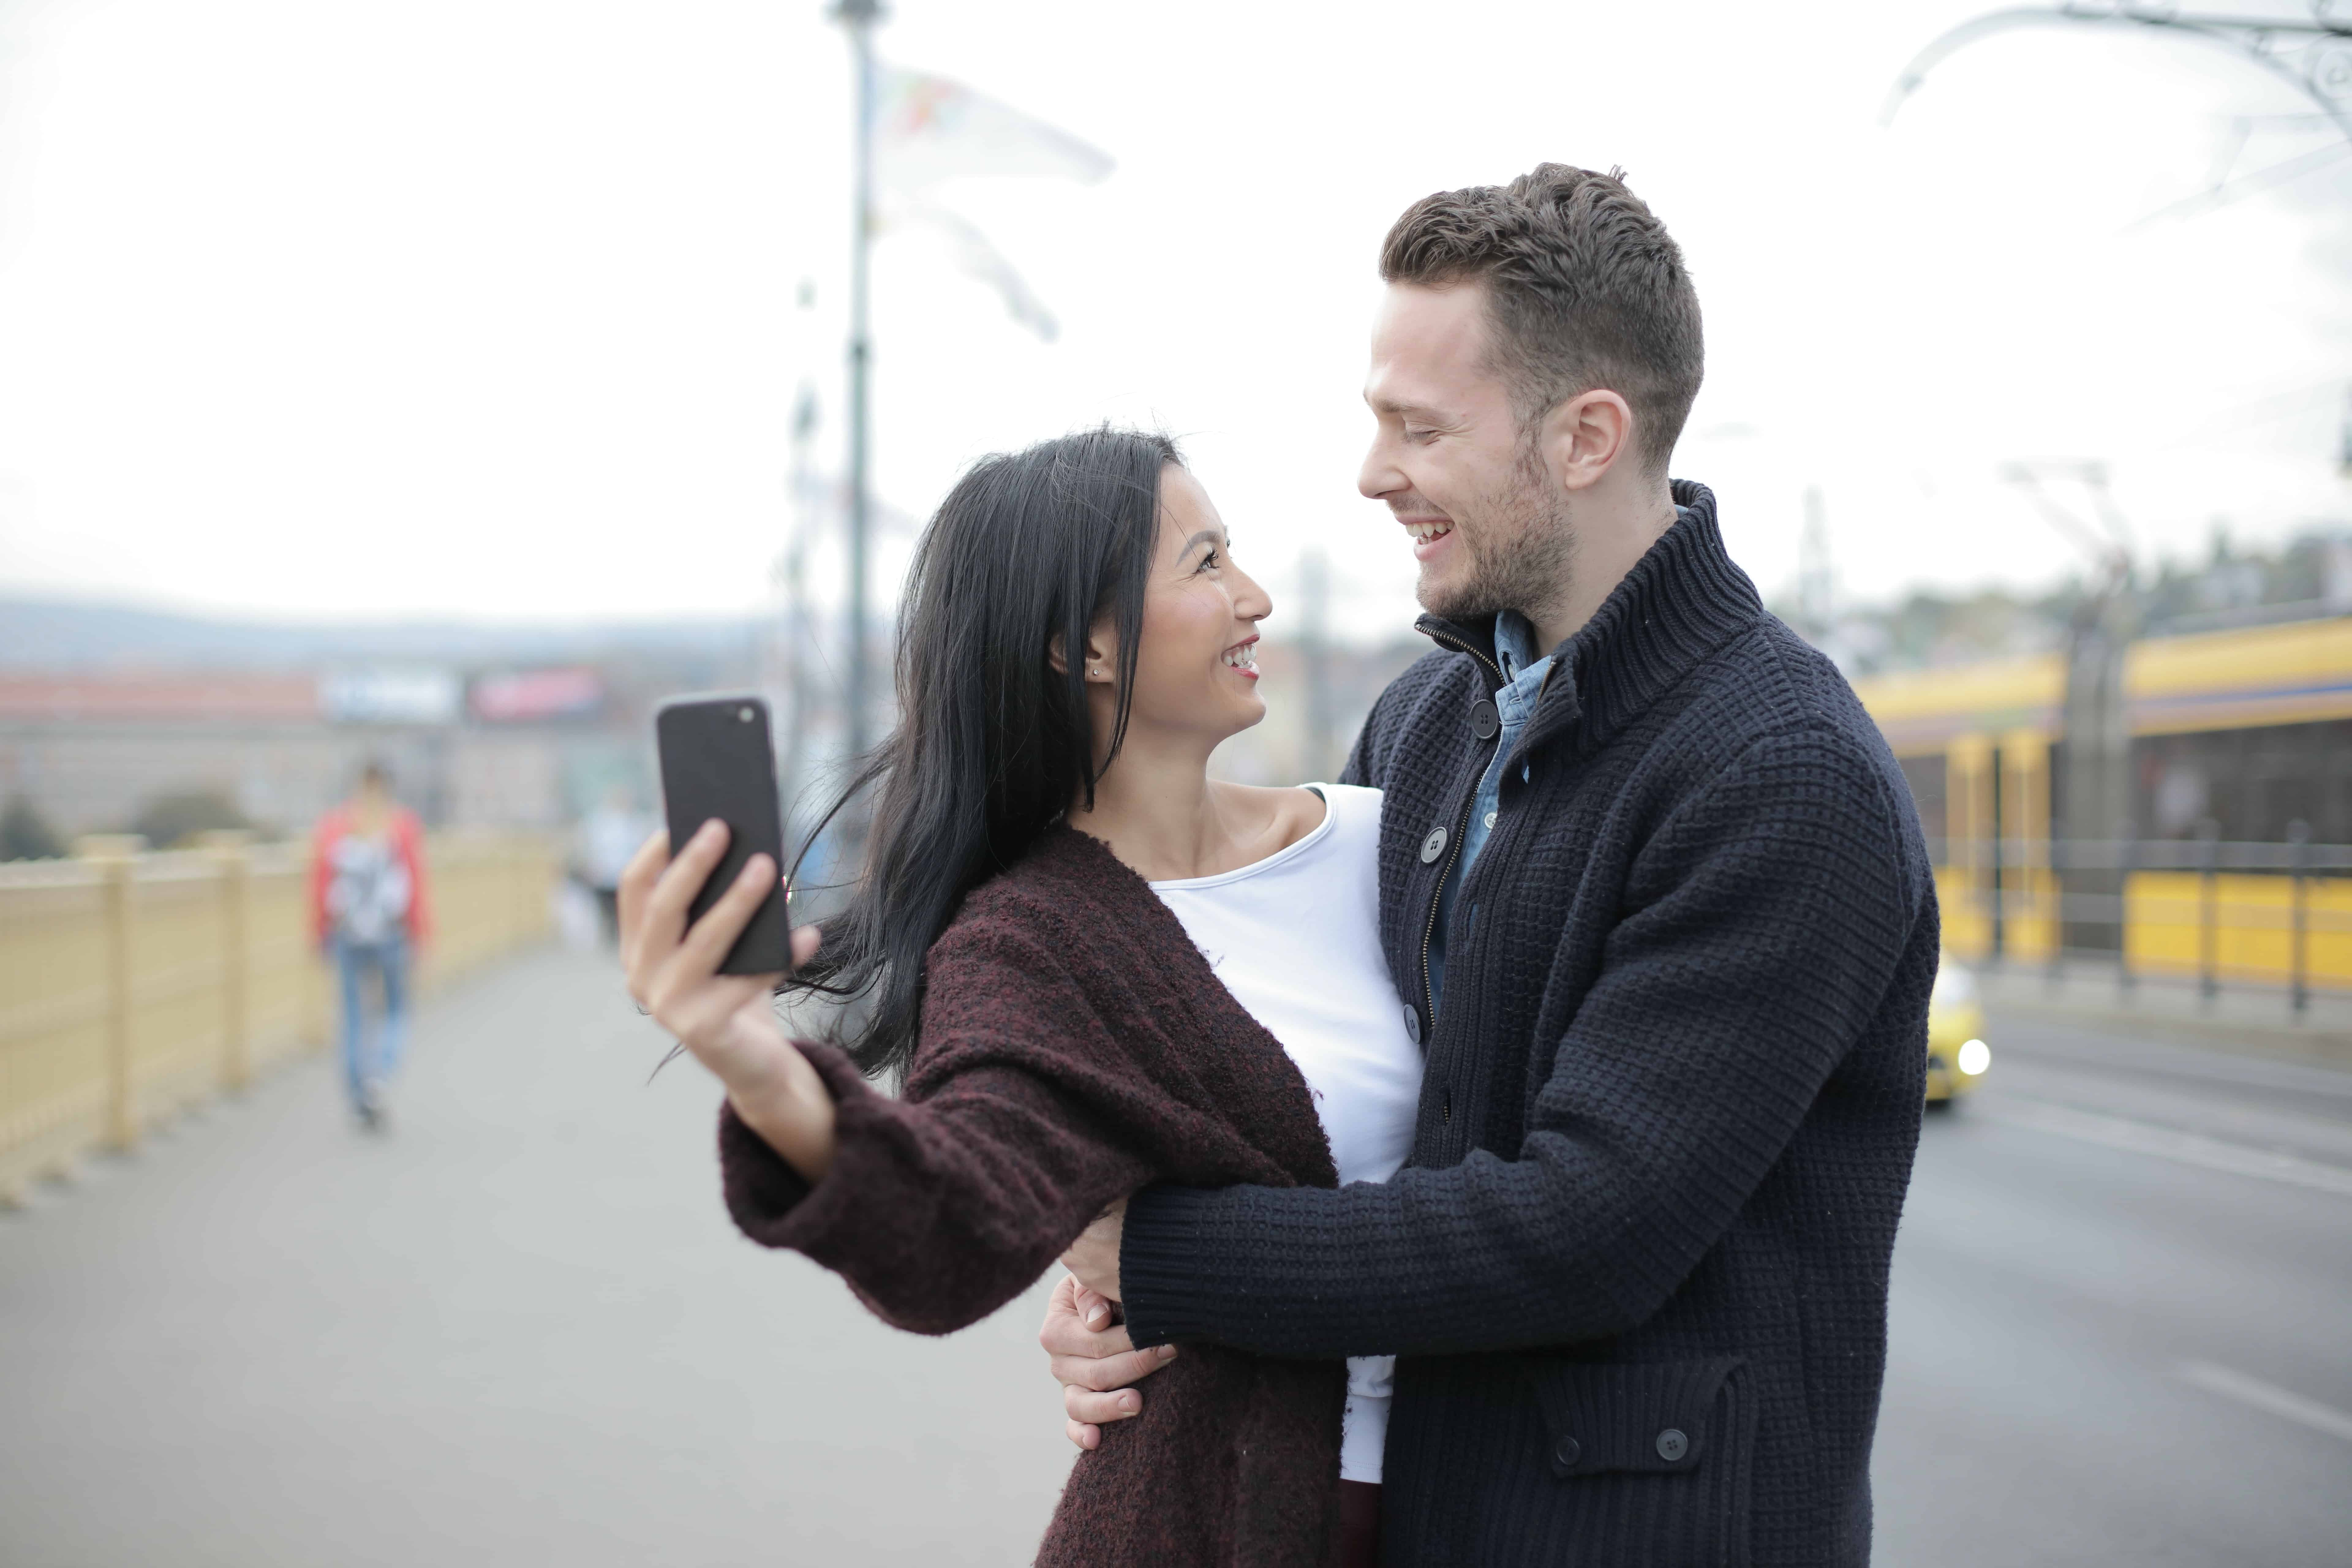 Ein positives Paar macht ein Selfie, während es auf dem Bürgersteig steht